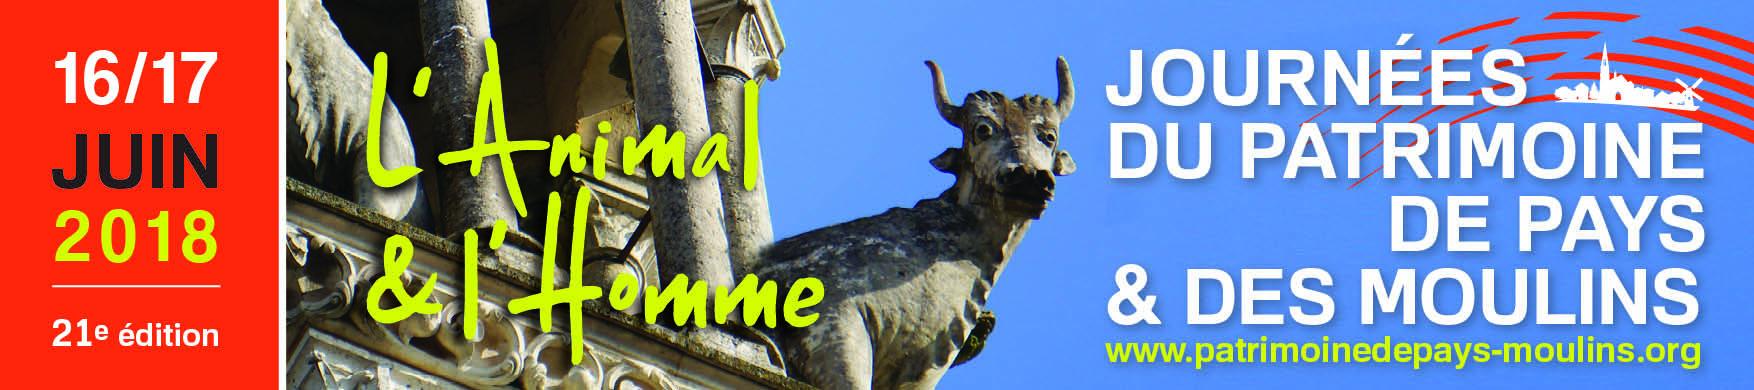 Journées Patrimoine  de  Pays et des Moulins @ EGLISE de POMMIERS